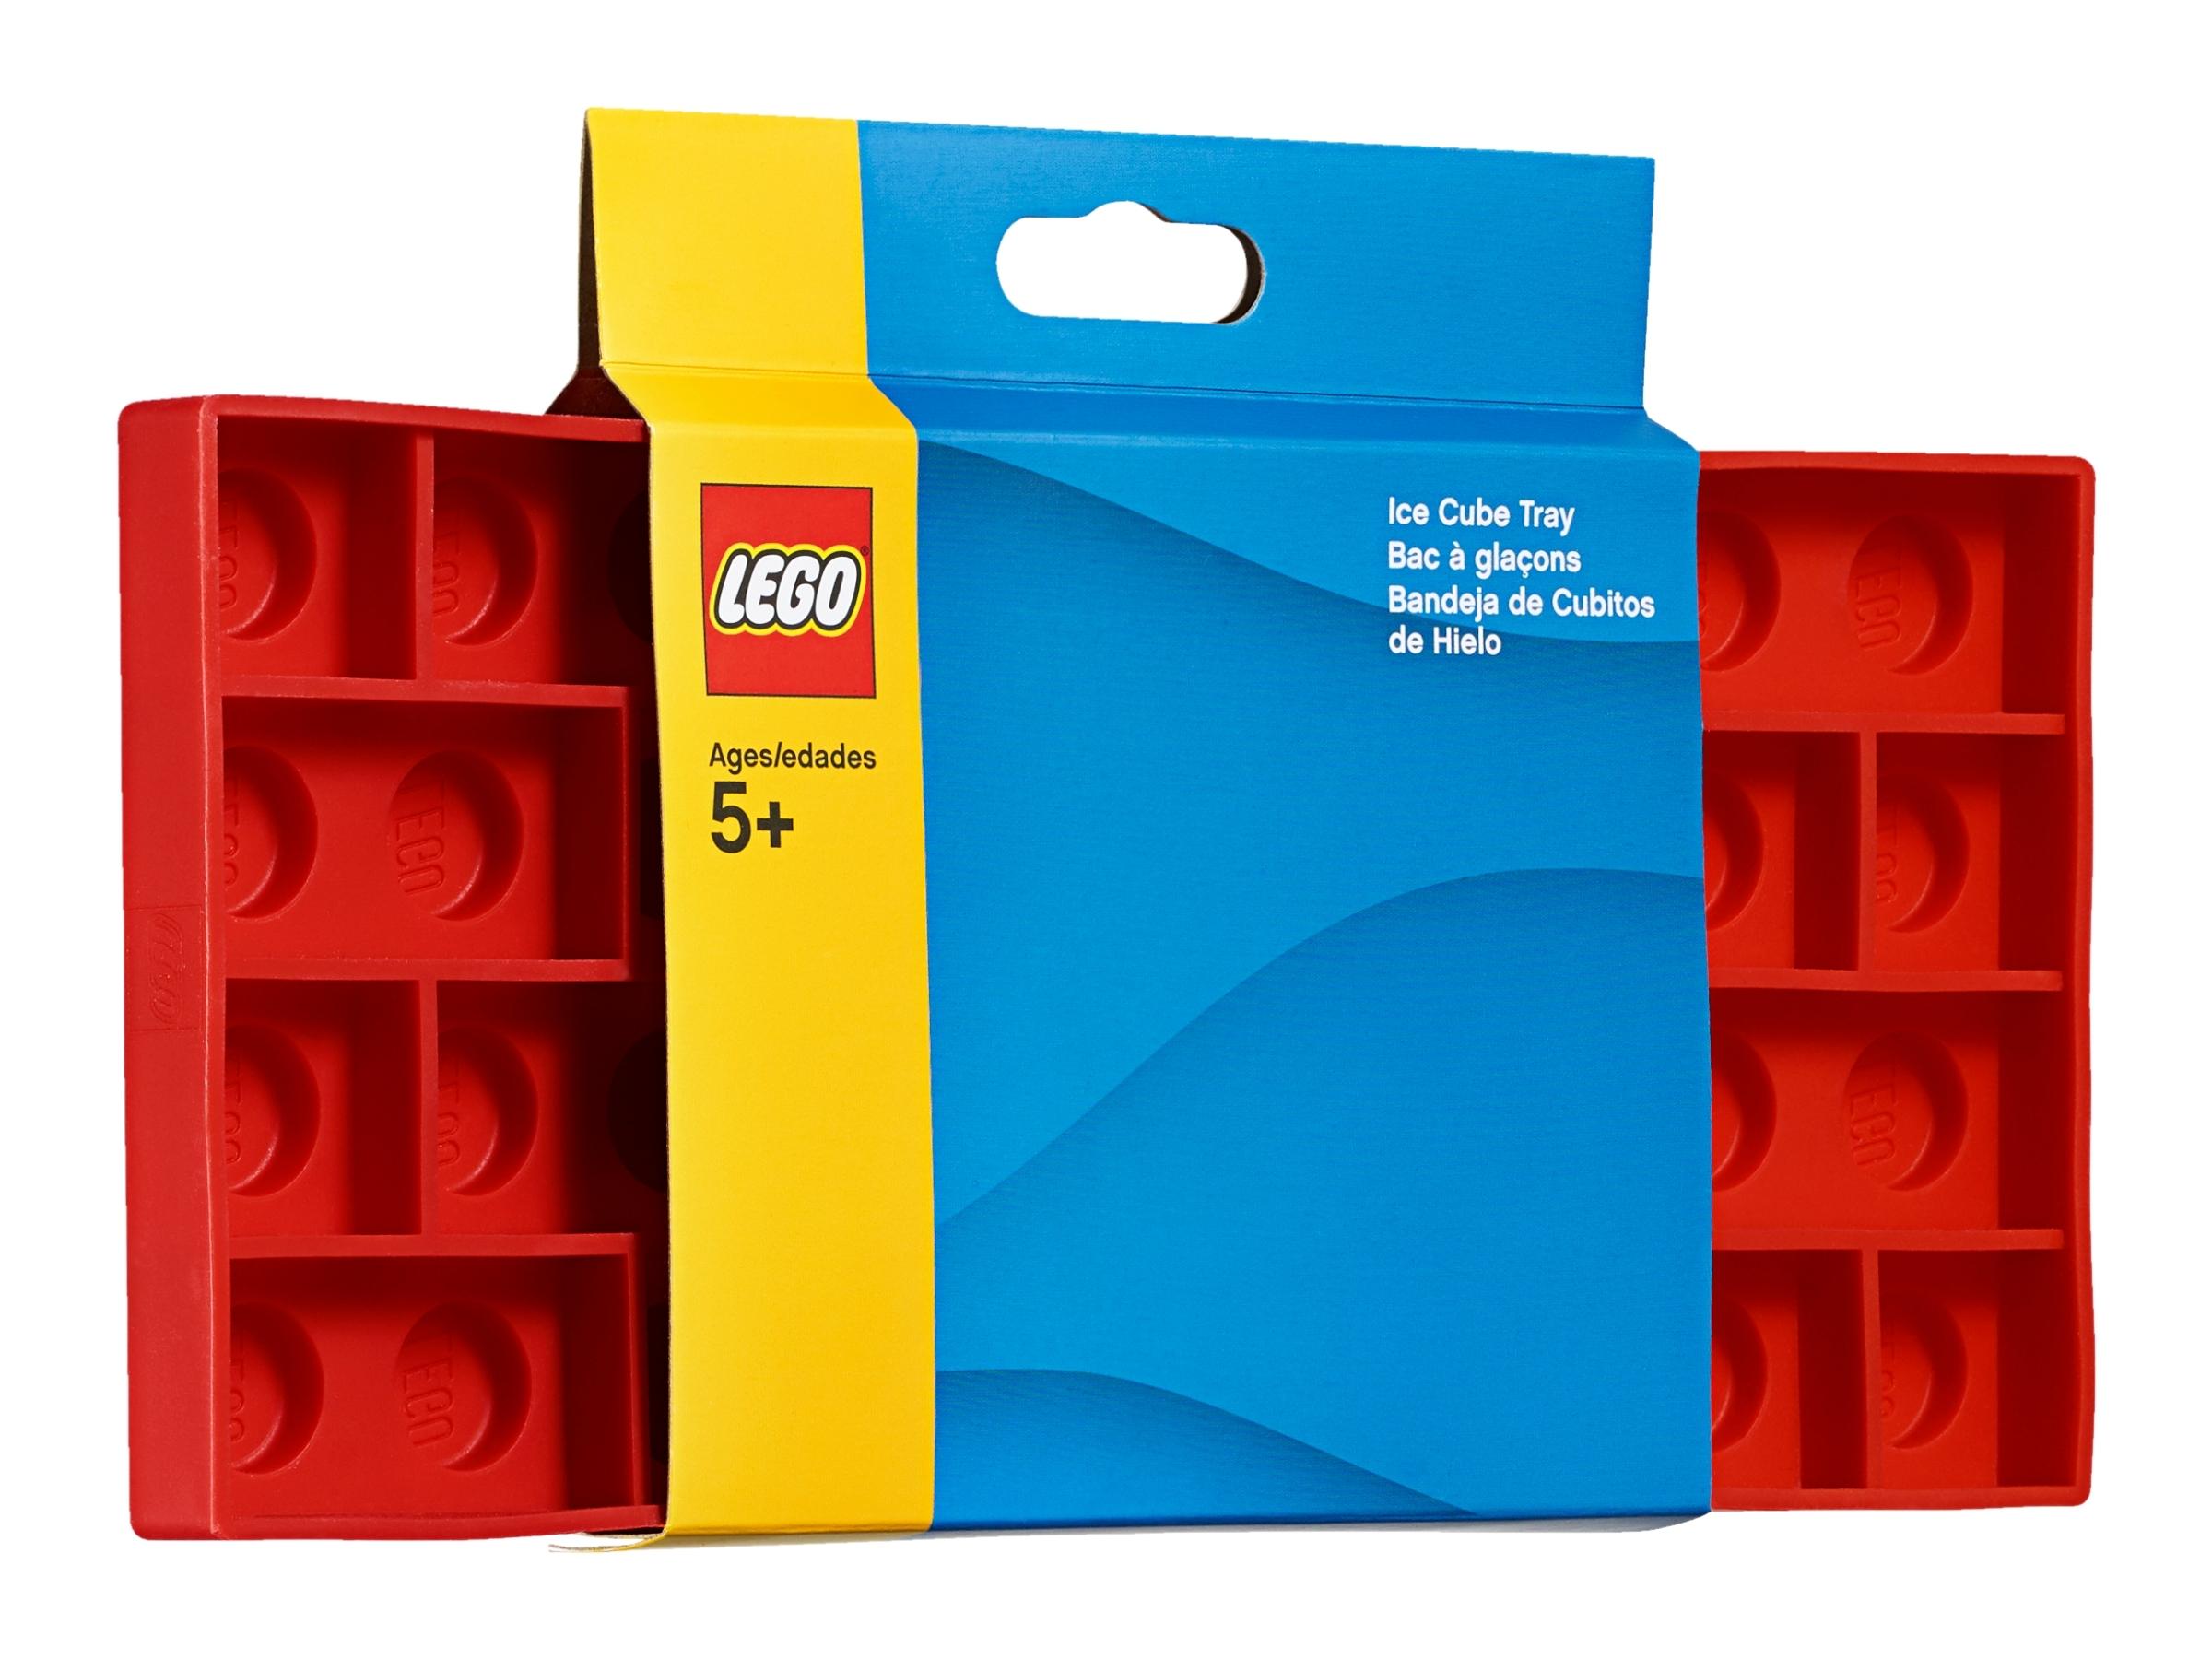 853911 virallinen lego 853911 kaupasta fi